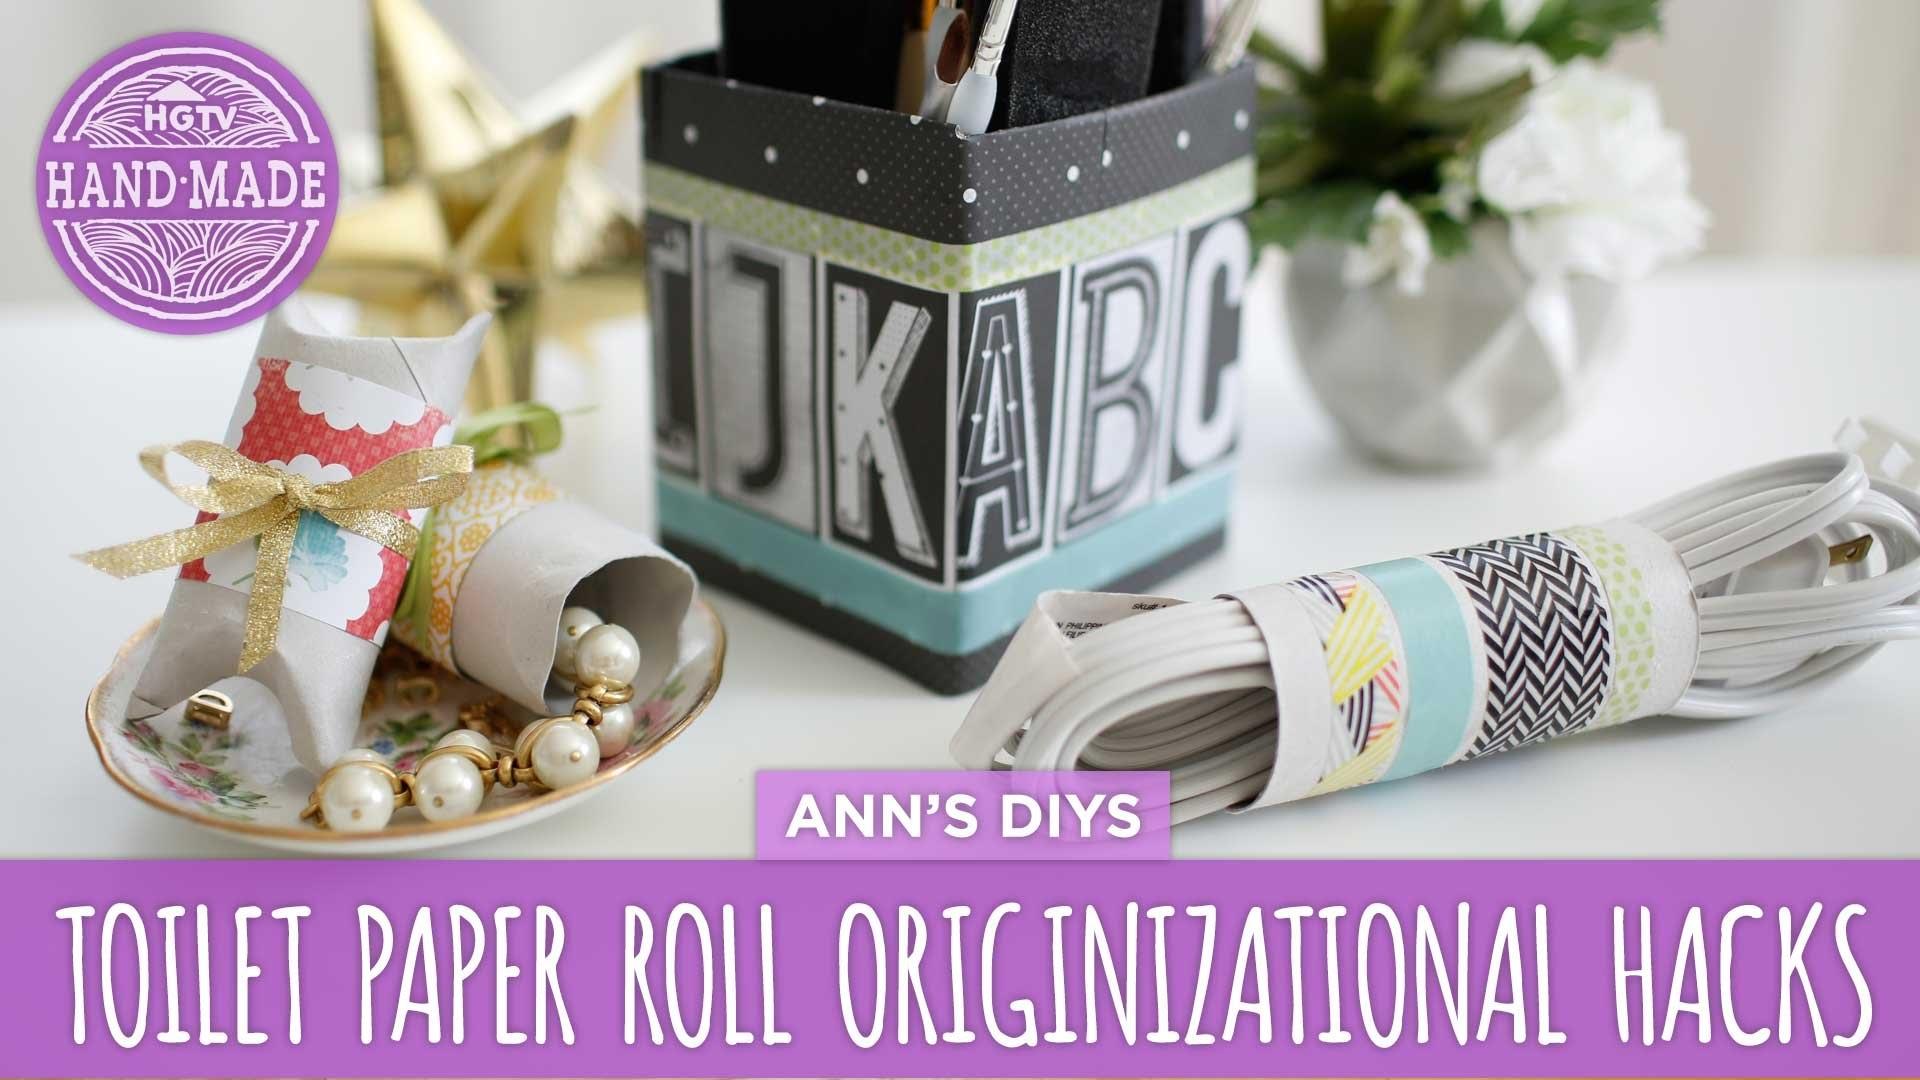 DIY Toilet Paper Roll Organizational Hacks - HGTV Handmade